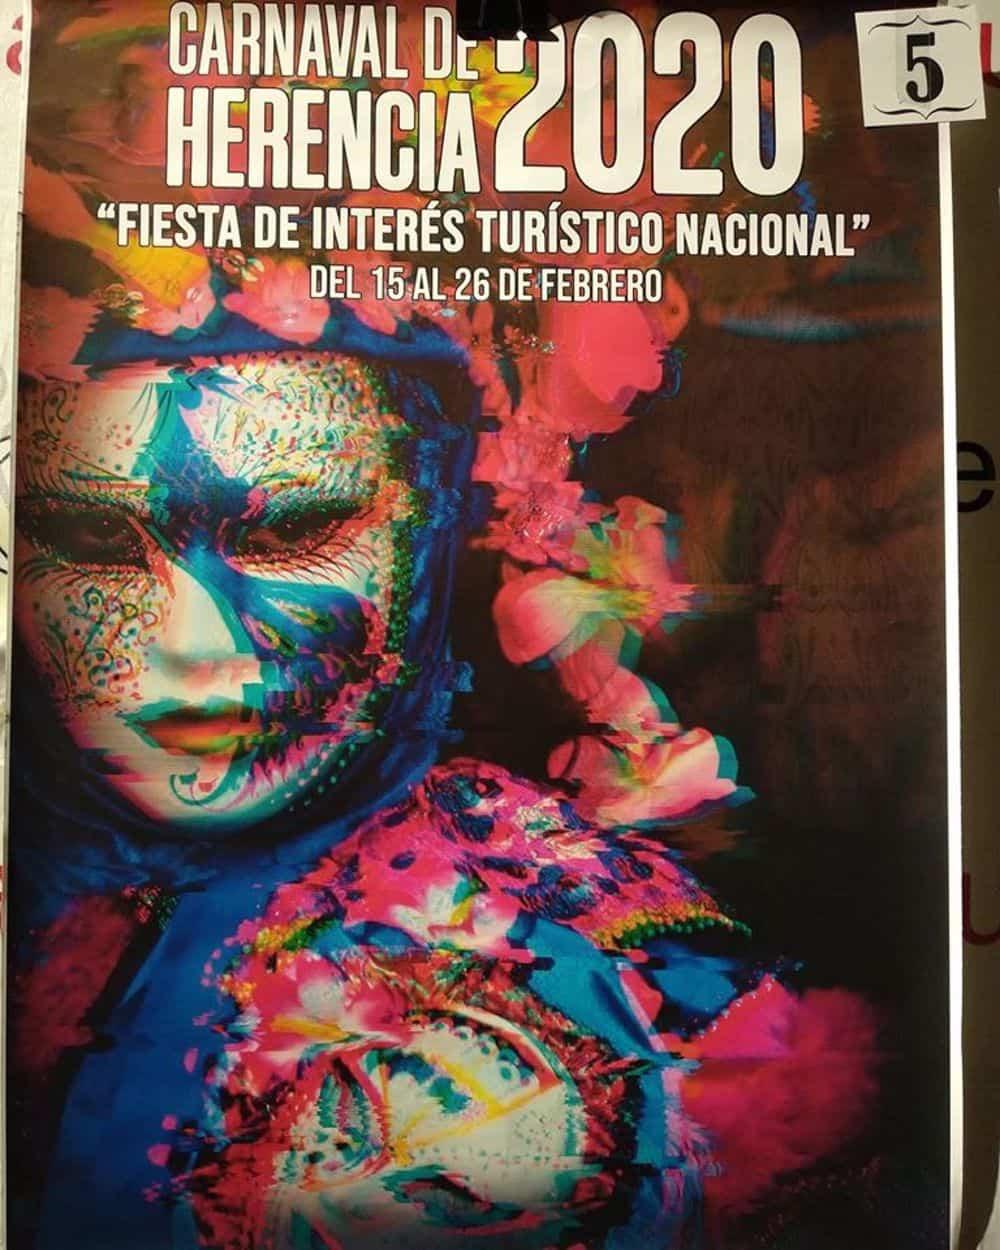 carteles carnaval 2020 herencia 11 - Conoce los carteles de Carnaval de Herencia 2020, ¿cuál te gusta más?